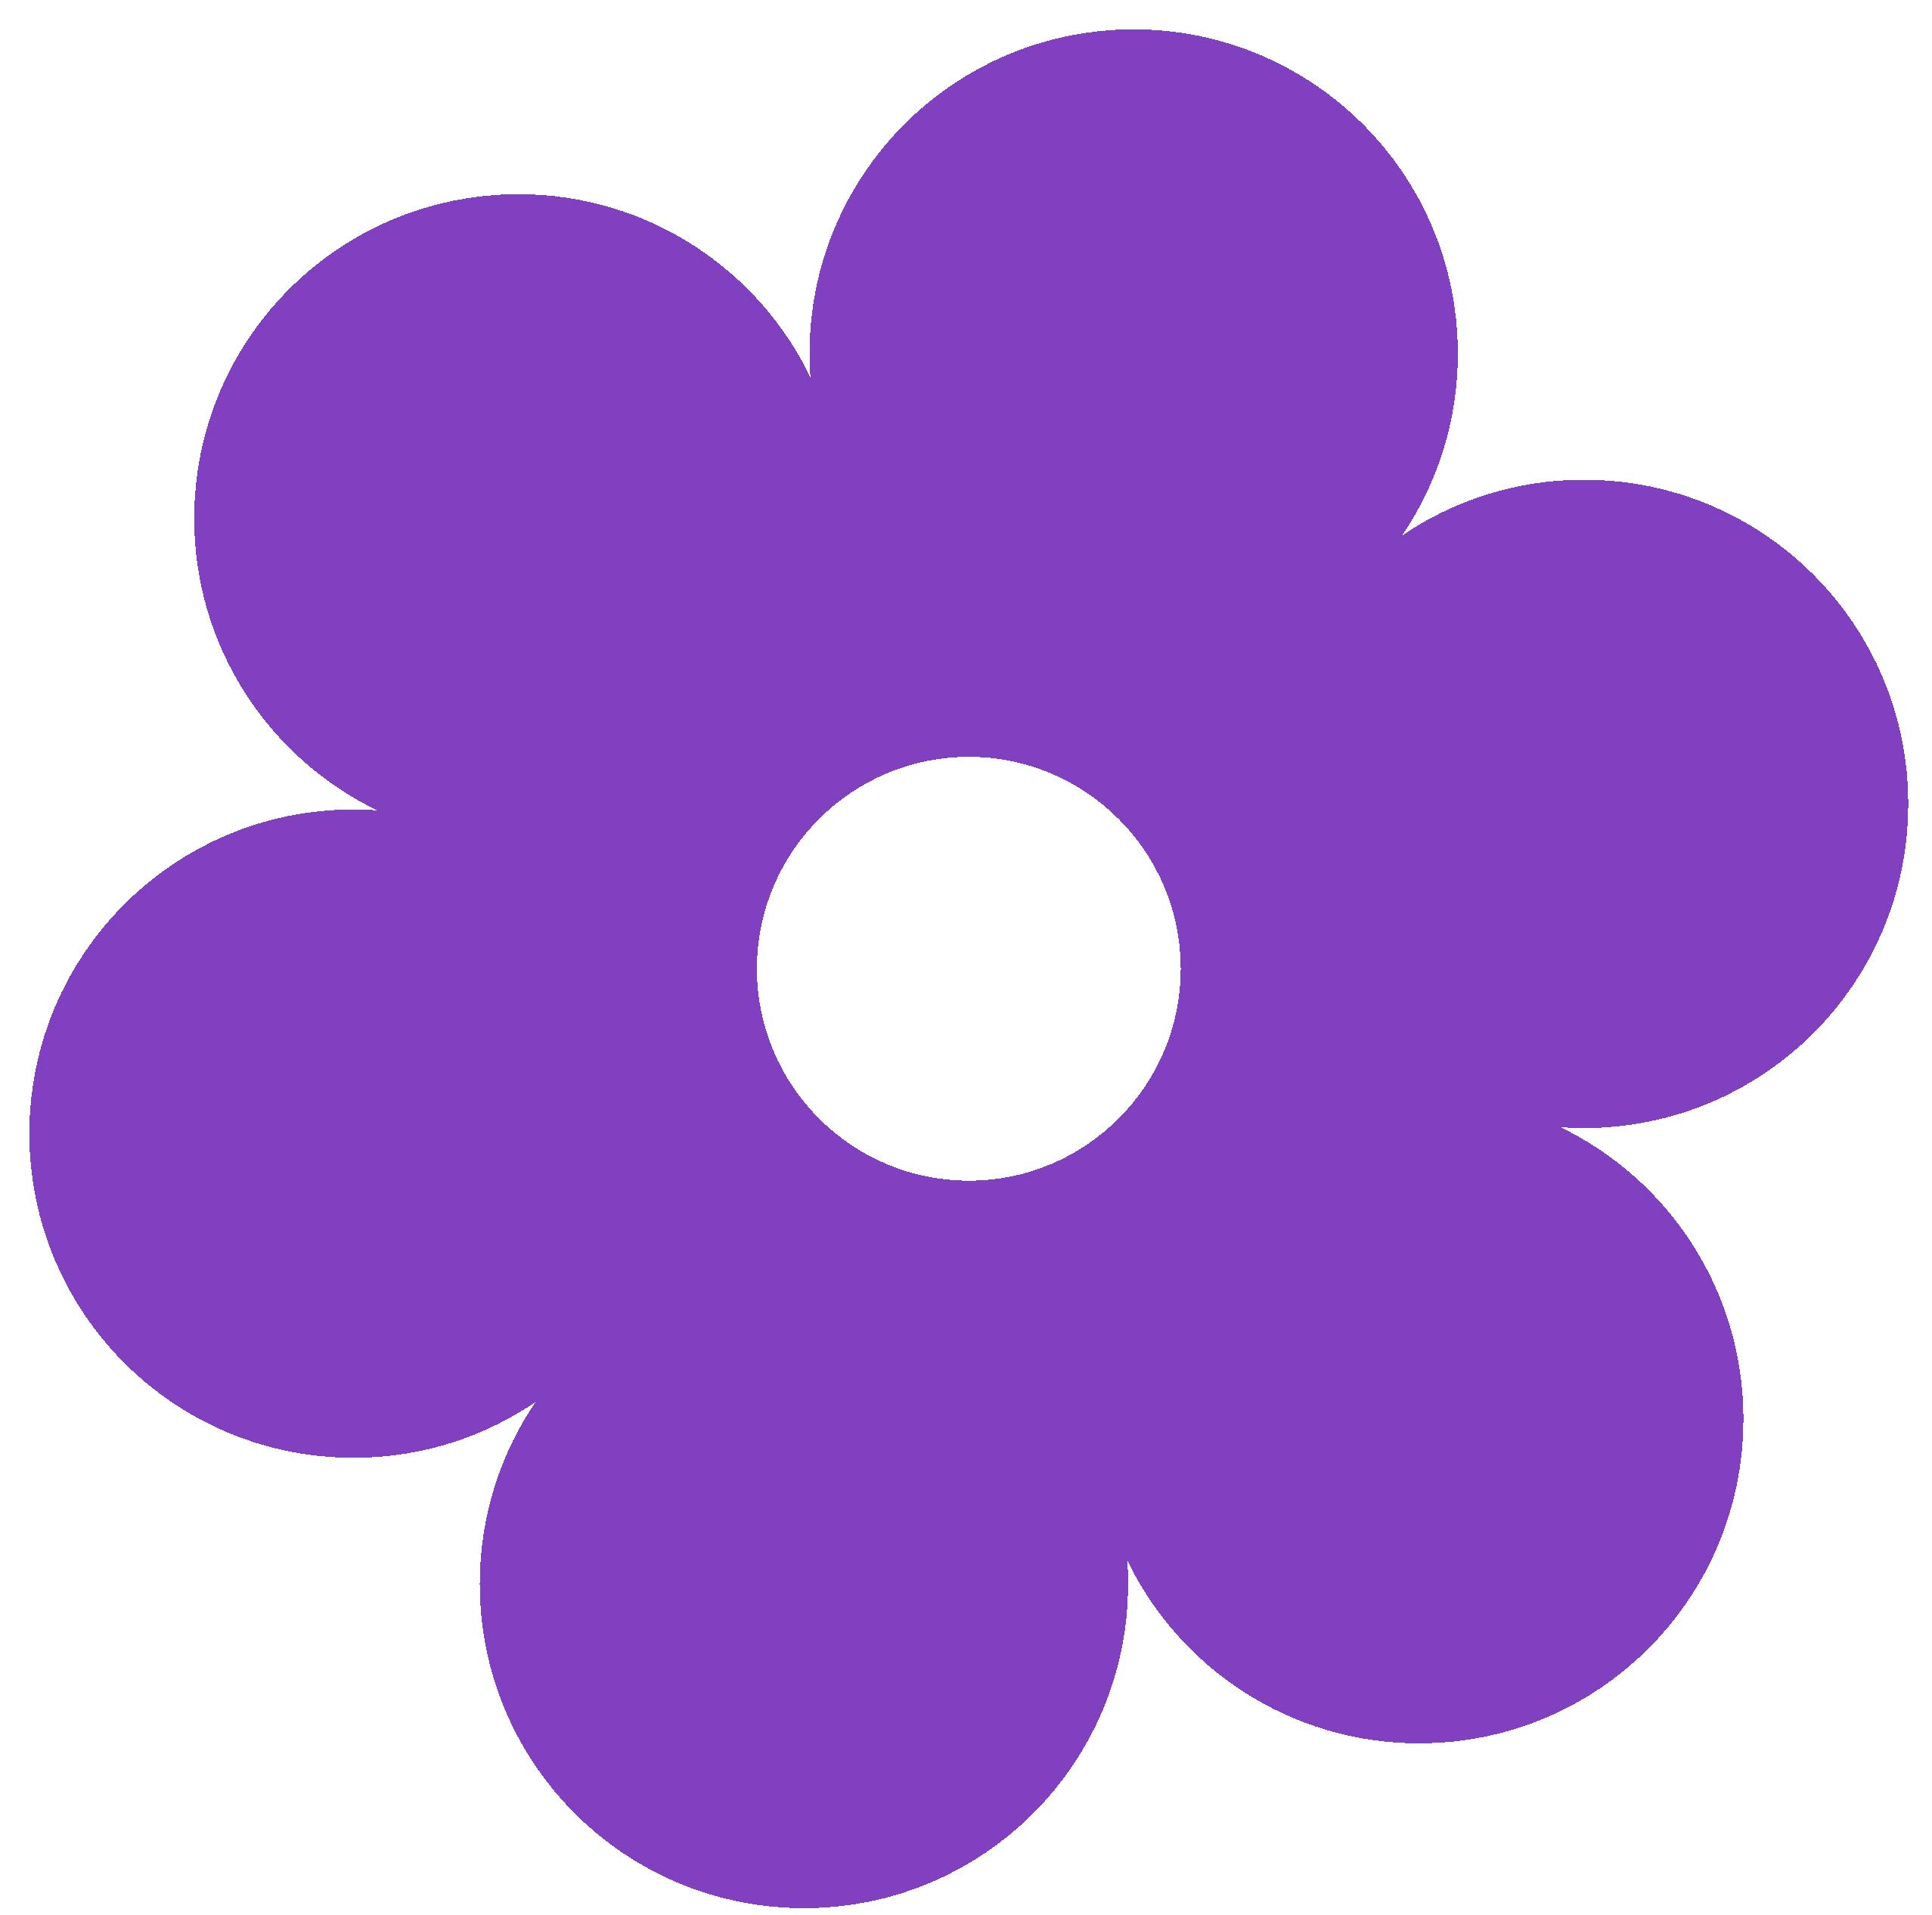 Flower Clip Art Clipart Panda